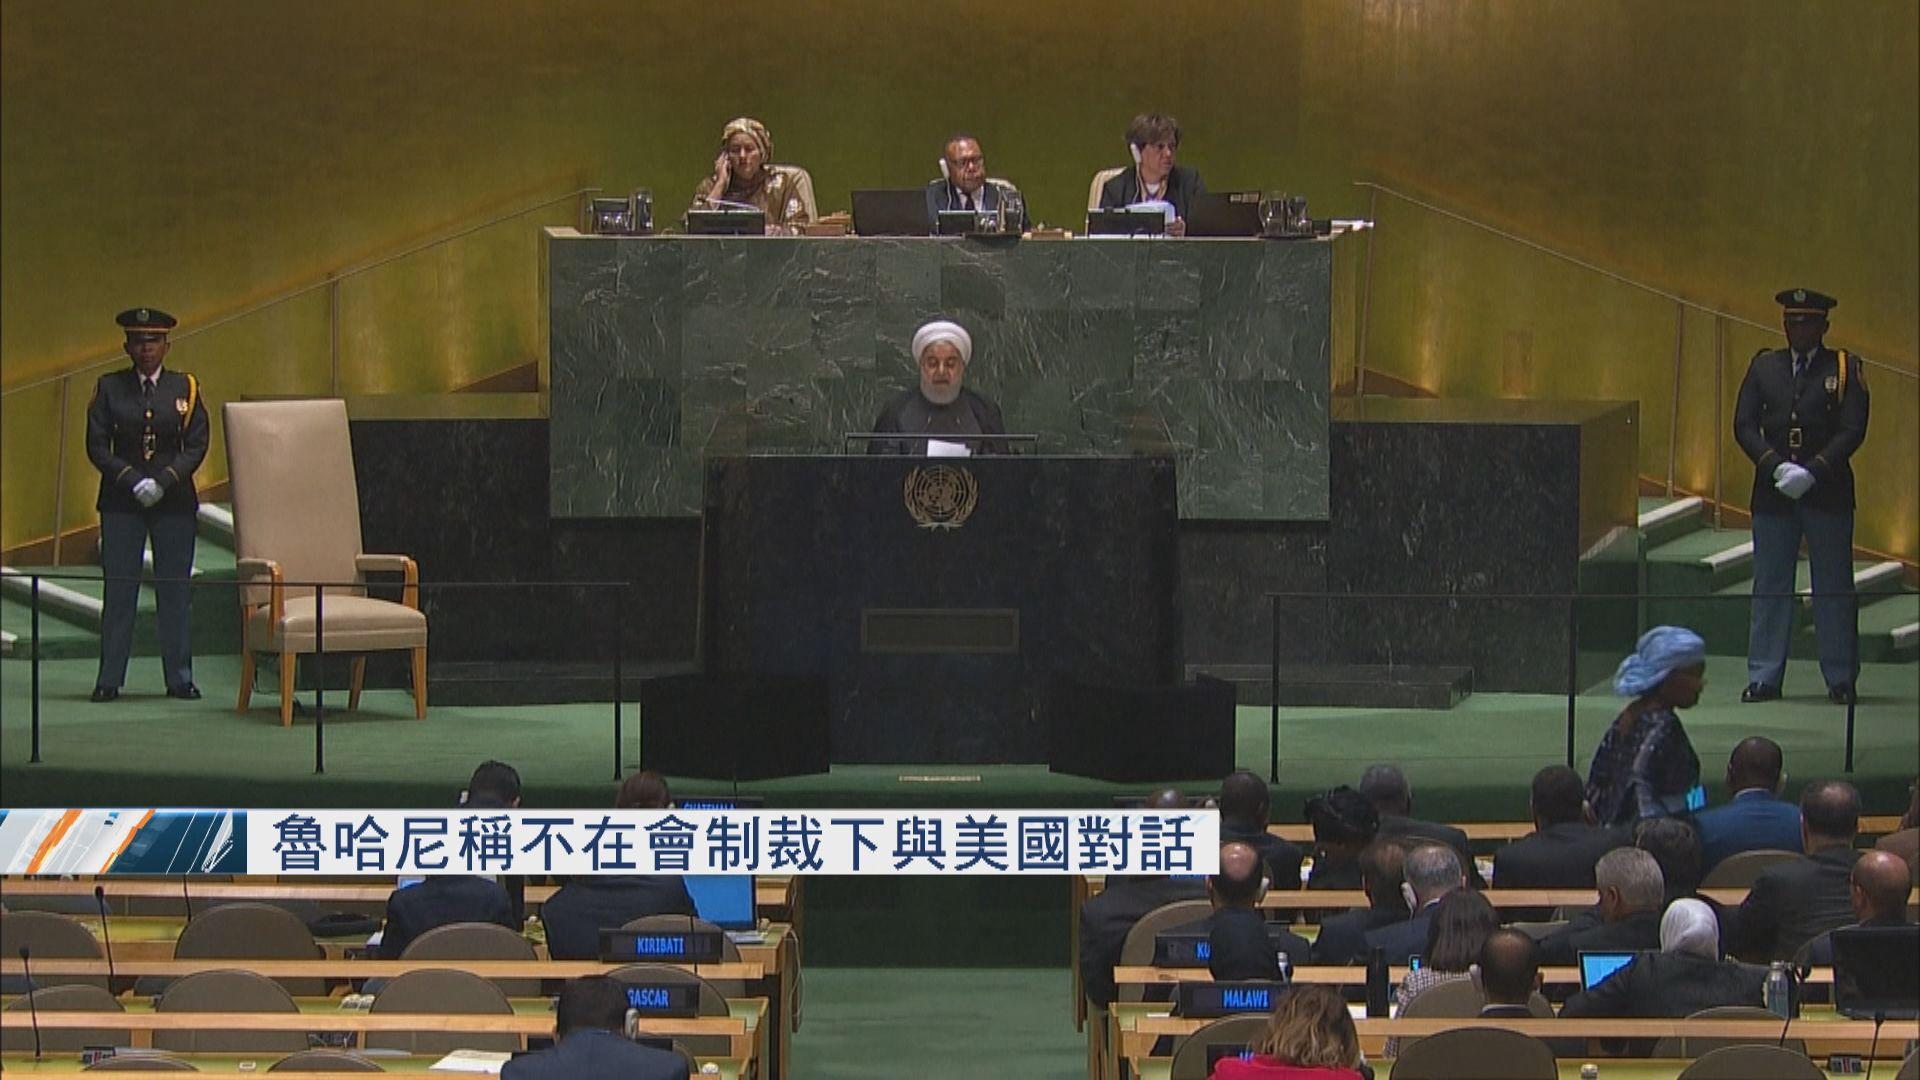 伊朗魯哈尼稱不在會制裁下與美國對話